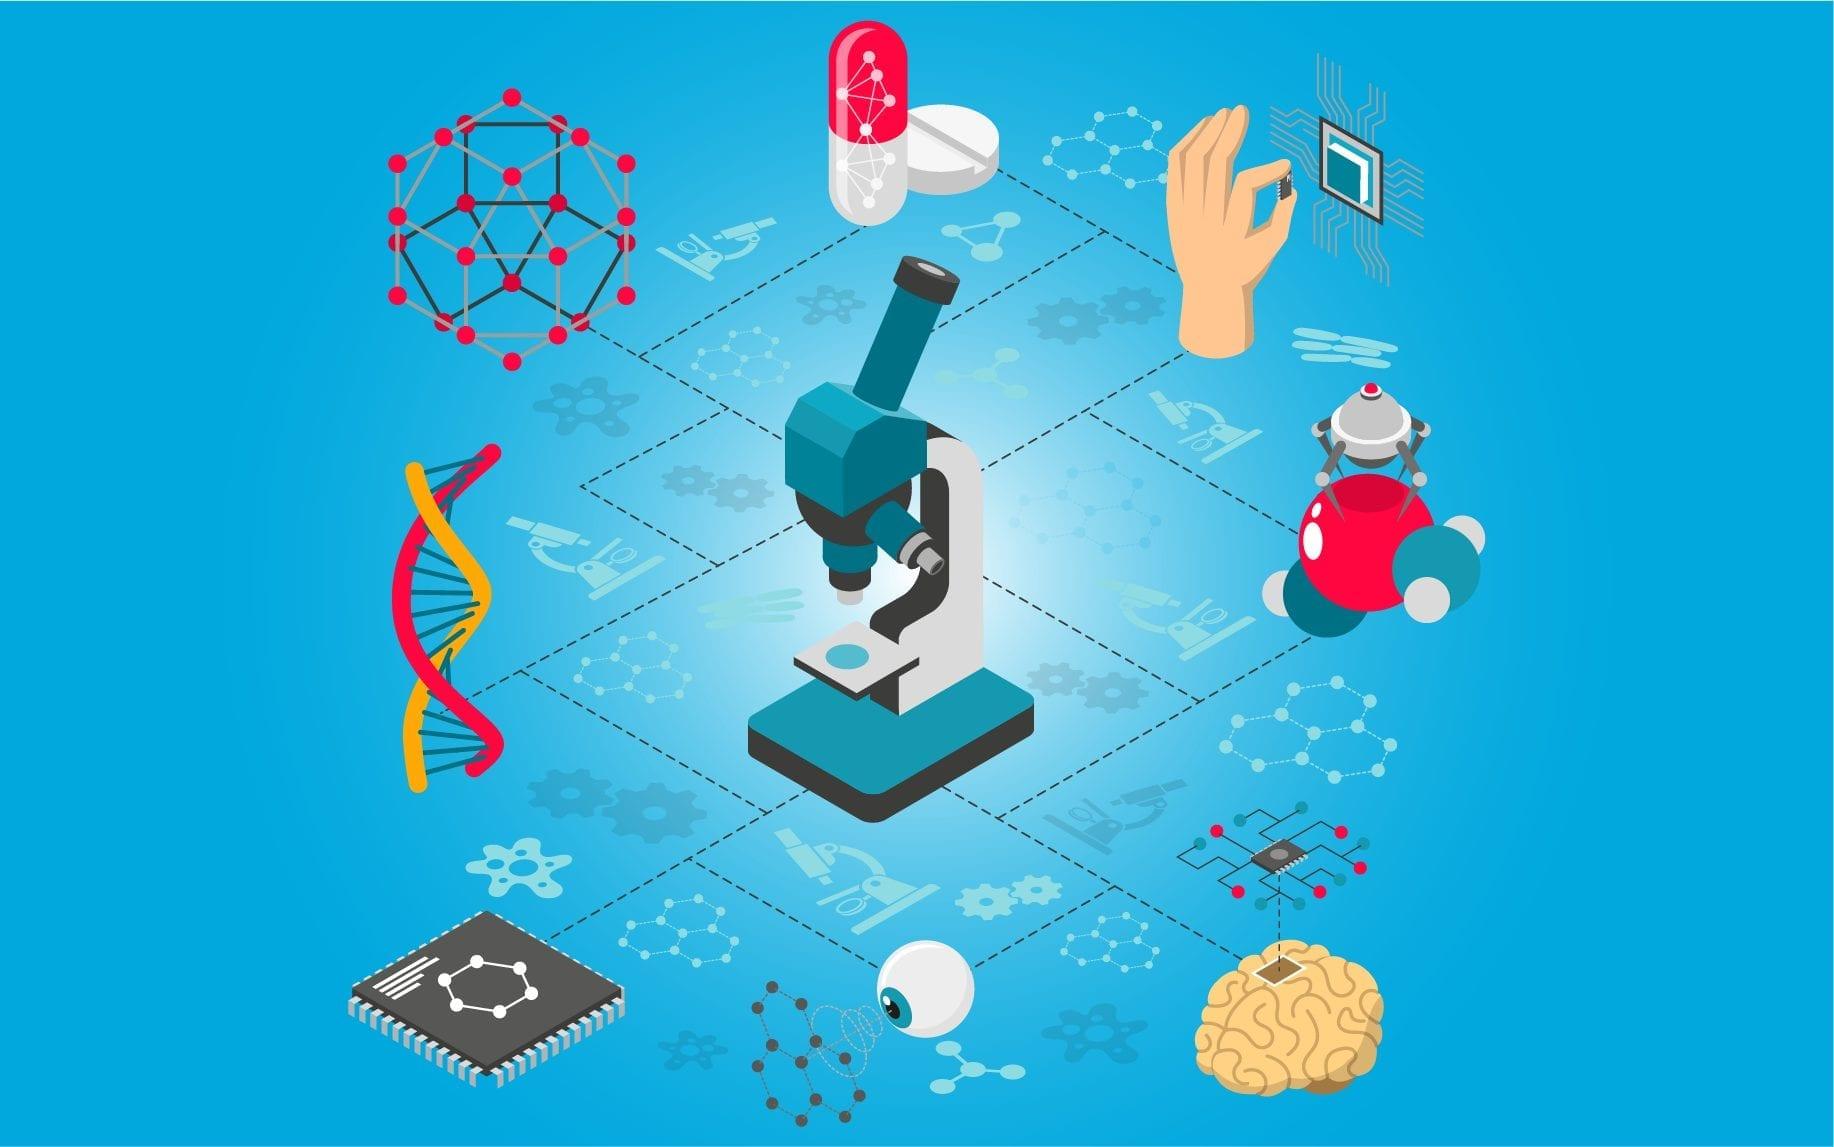 تكلنلوجيا وتقنية النانو - مجلة نقطة العلمية